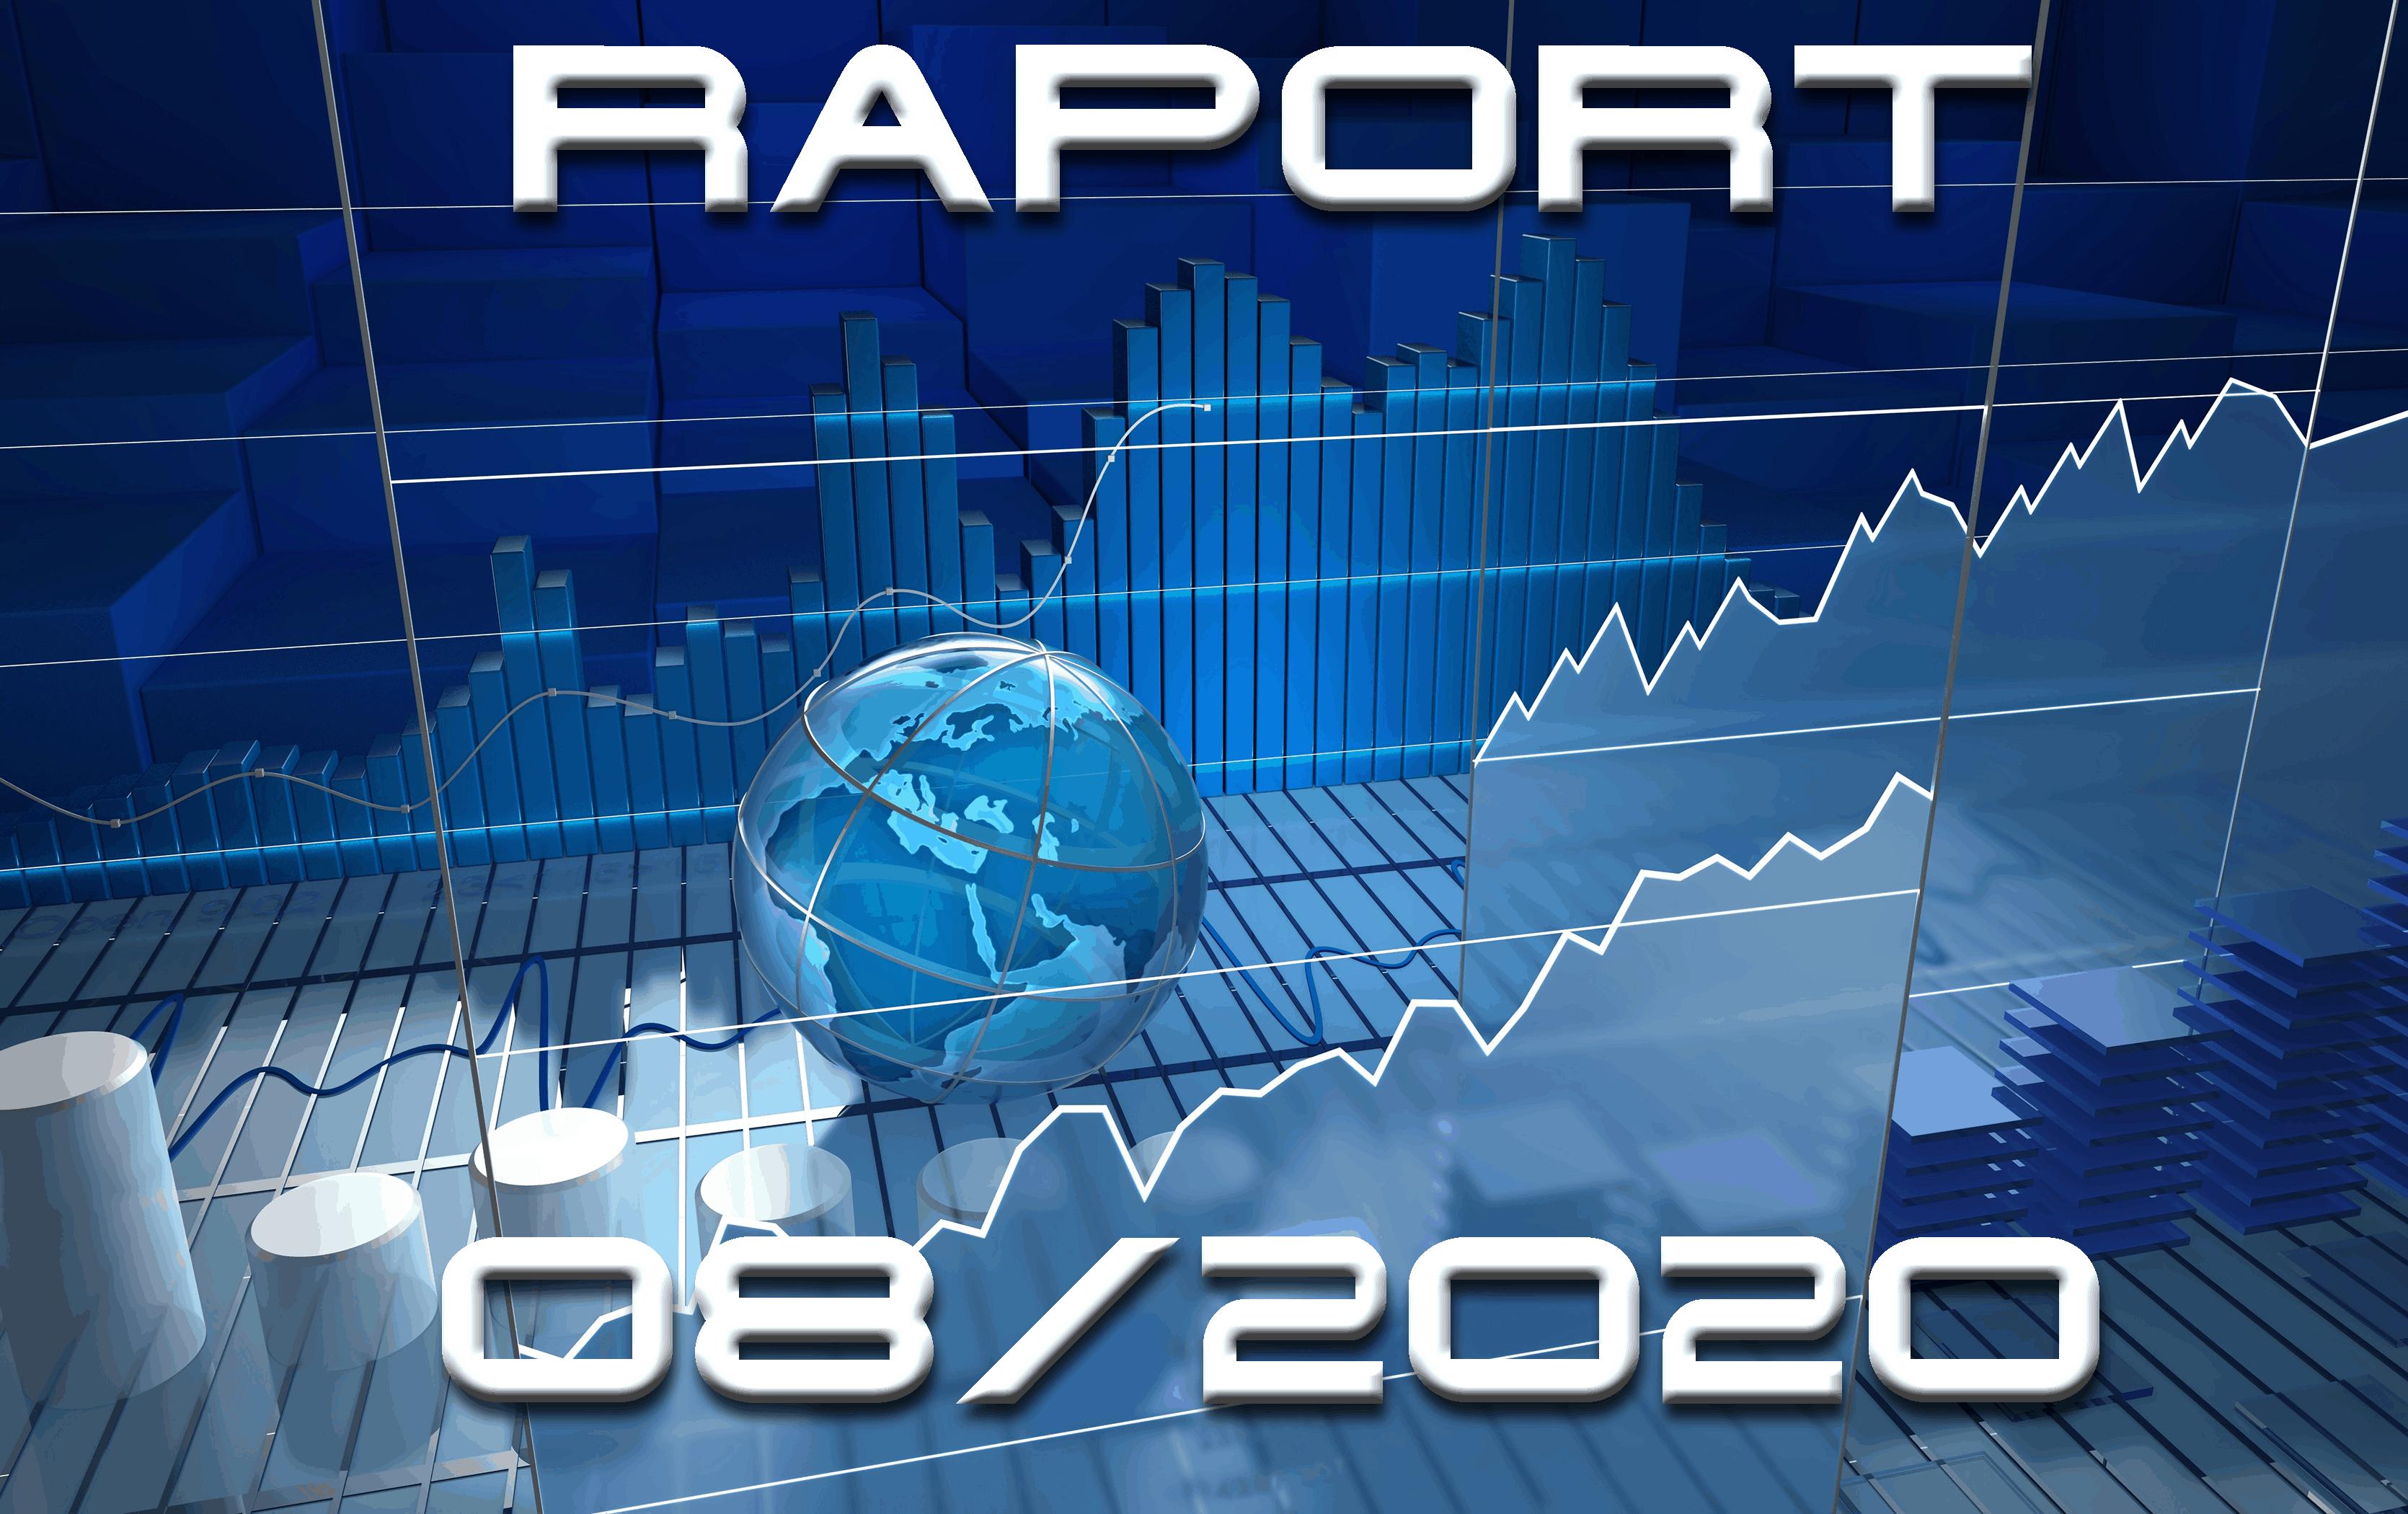 intraday'owa statystyka - raport sierpień 2020